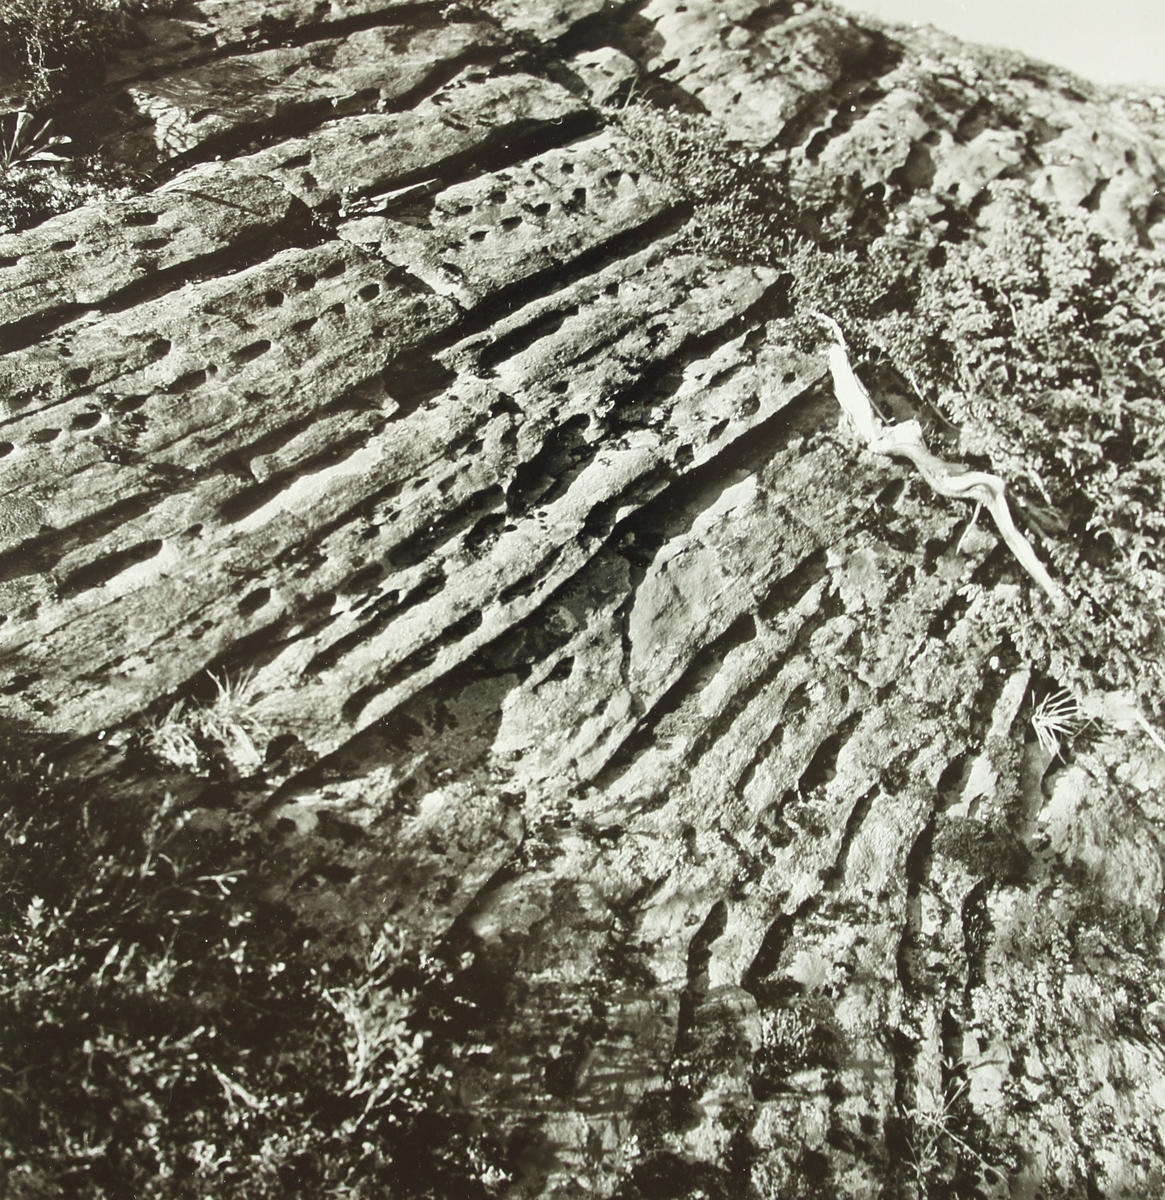 En lång stenhäll sträcker sig genom bilden. Stenen har rader med horisontella fördjuningar samt lav och mossa växer på den.